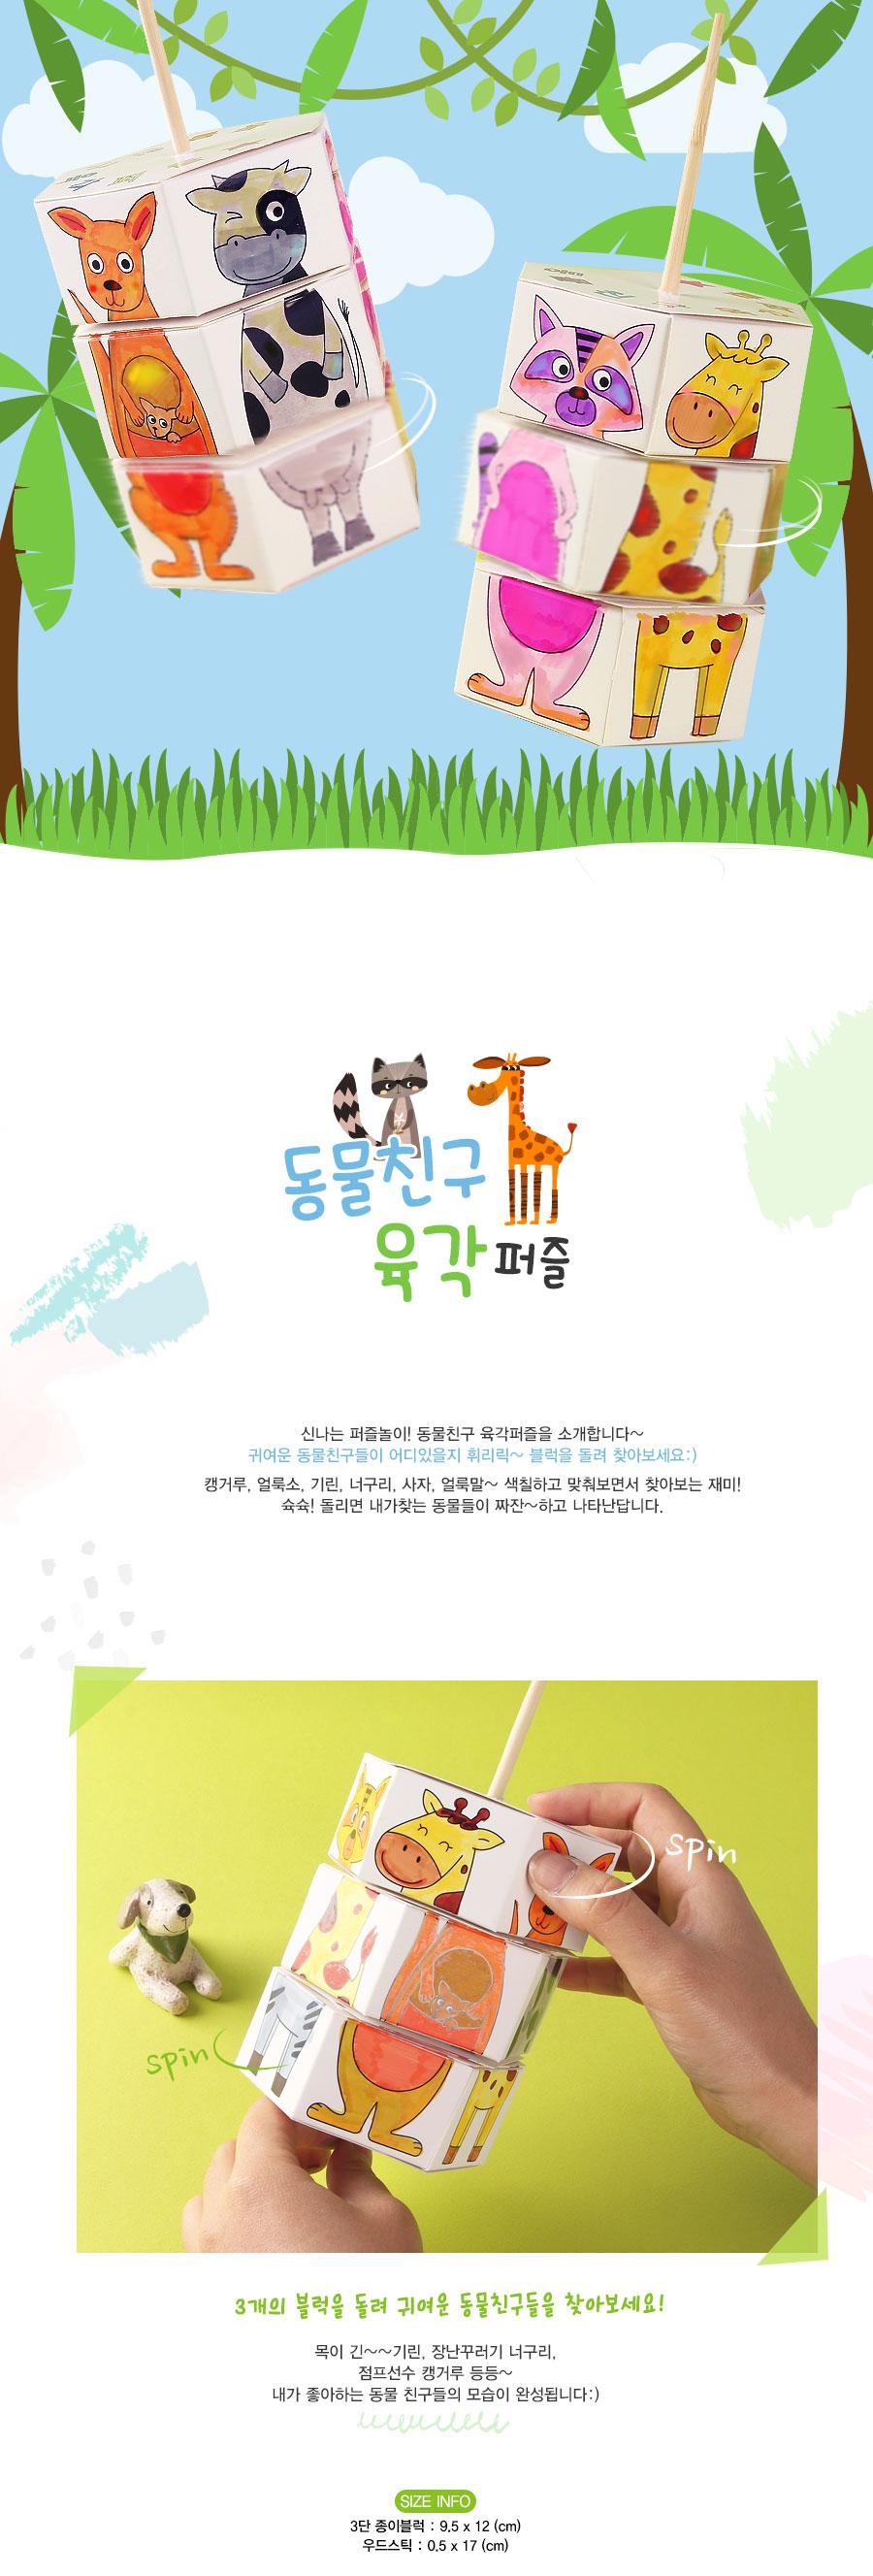 동물친구육각퍼즐만들기(1개)/동물모양조각맞추기 - 아트랄라, 1,100원, 전통공예, 기타소품 패키지